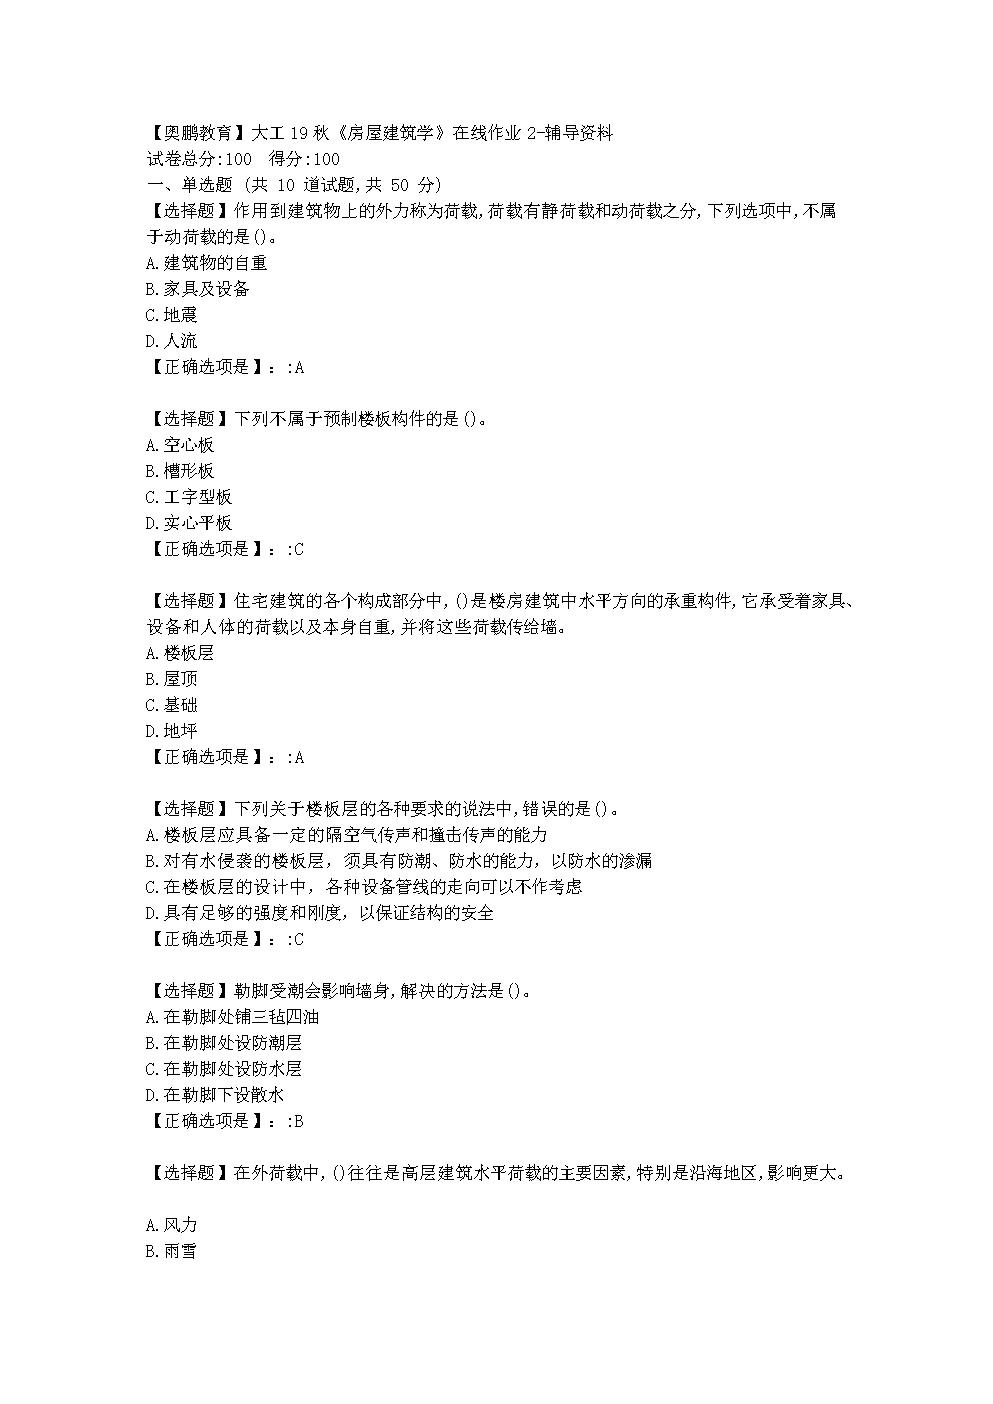 大连理工大学19秋《房屋建筑学》在线作业2学习资料.doc